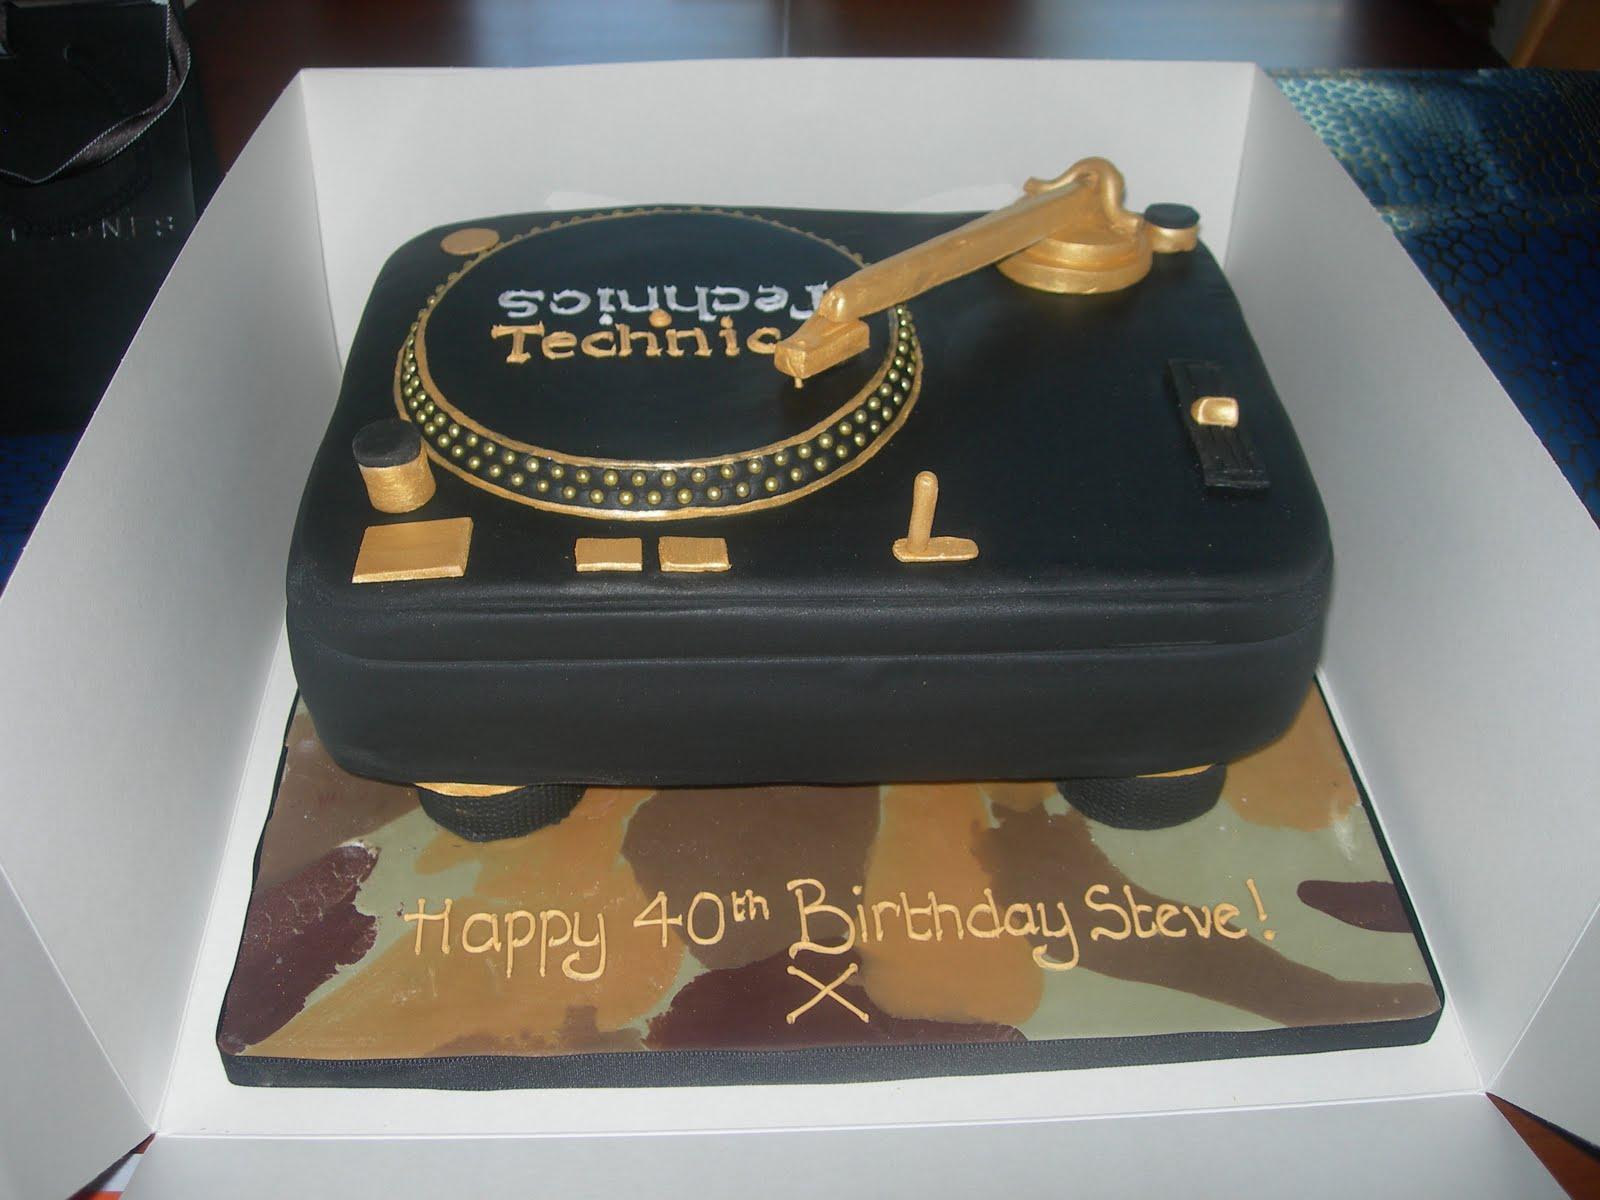 Custom Cake Design Turntable Cake Steve S 40th